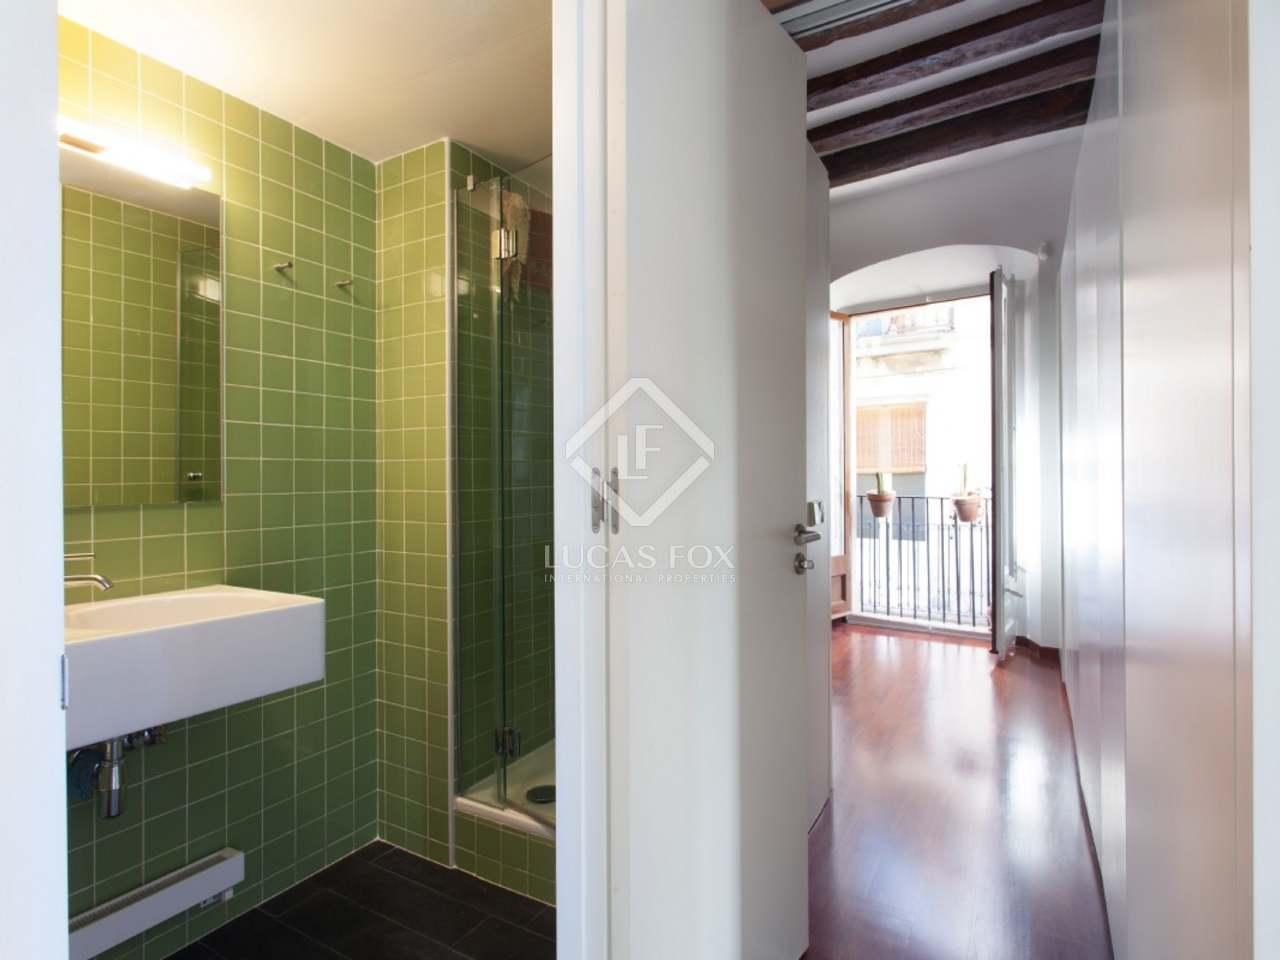 Propiedad en venta en el barrio del born del casco antiguo - Casco antiguo de barcelona ...